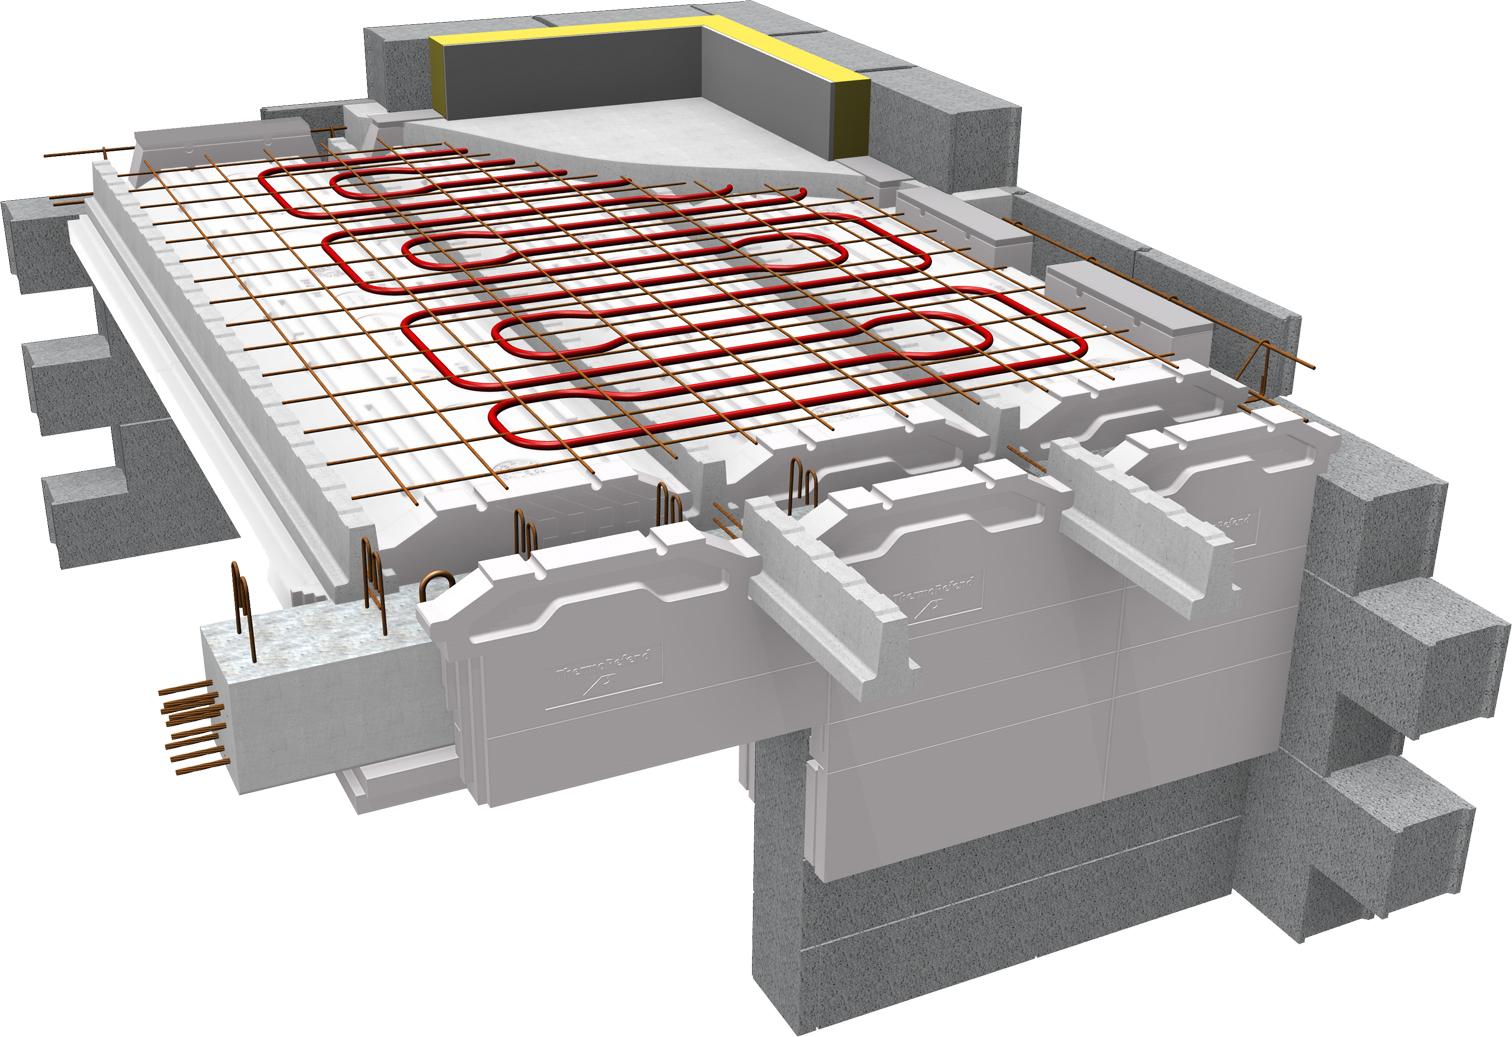 Chauffage le blog du b timent - Dalle beton plancher chauffant ...